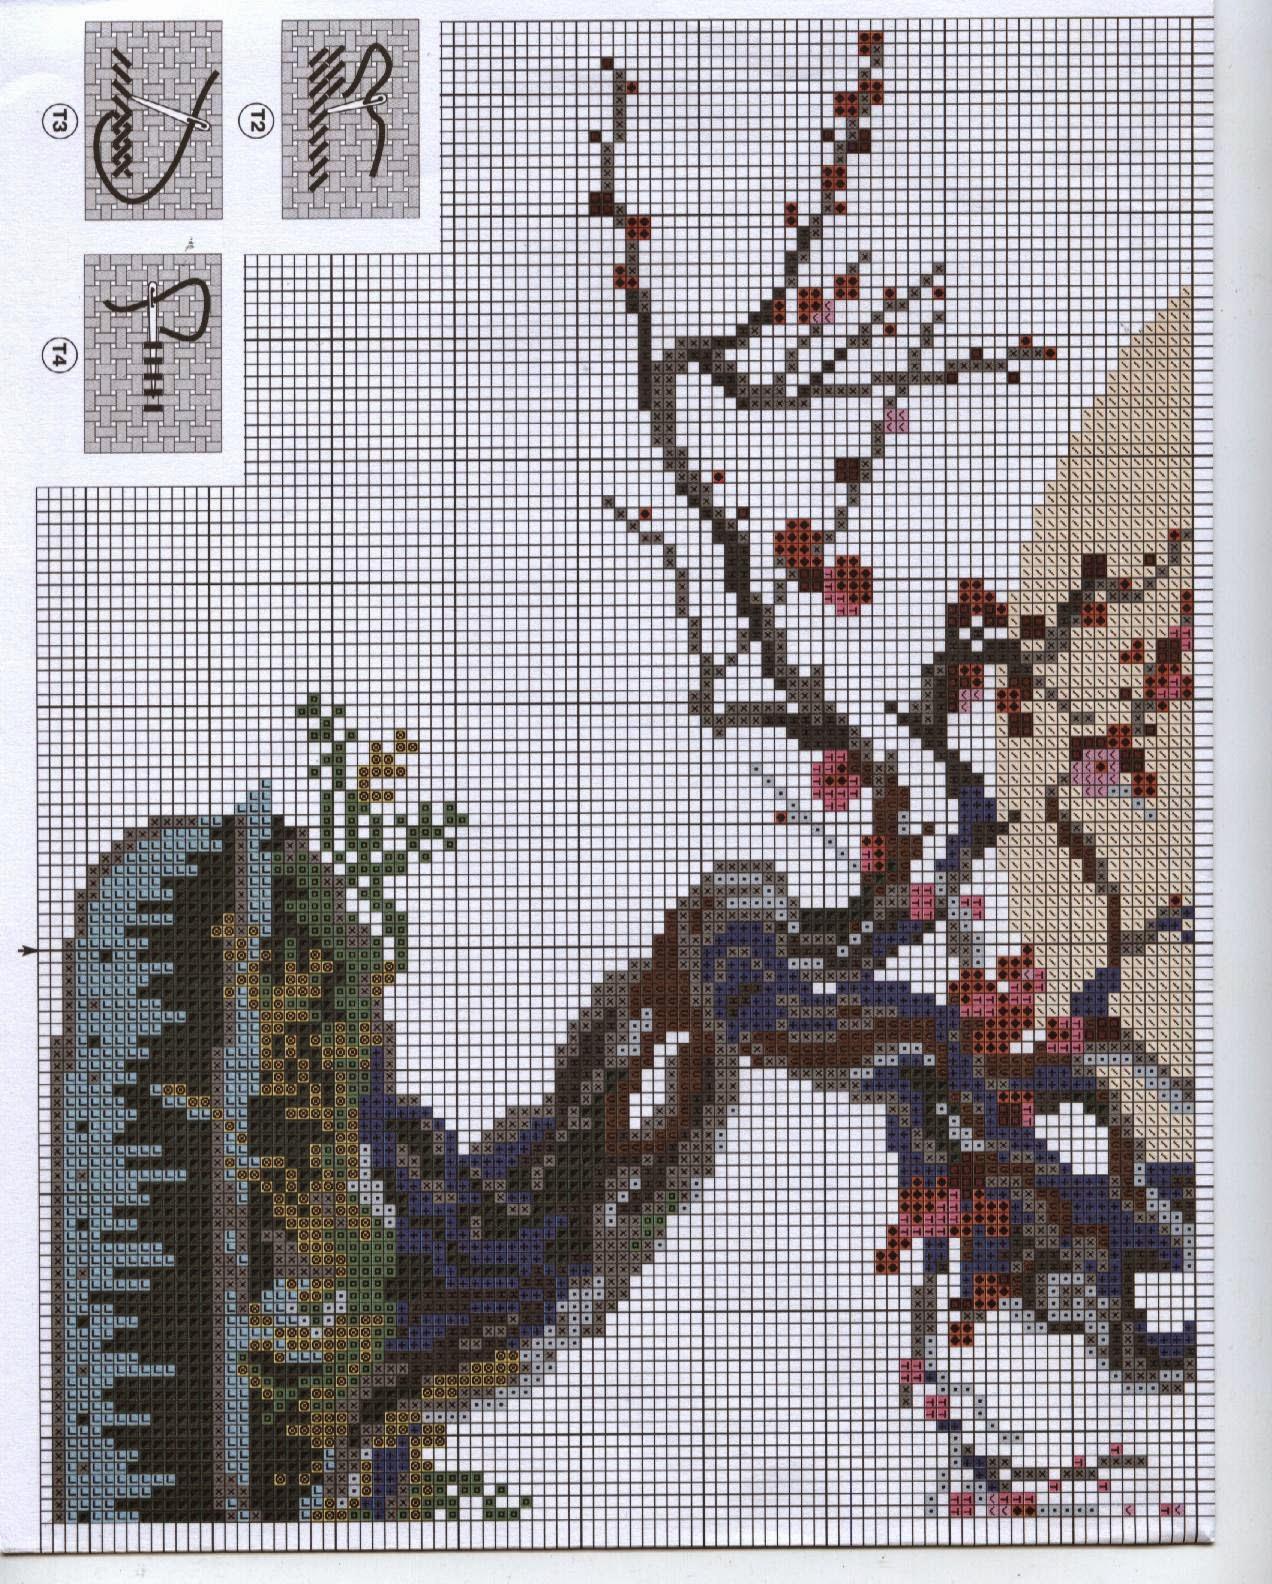 Схема для вышивки дерева сакура